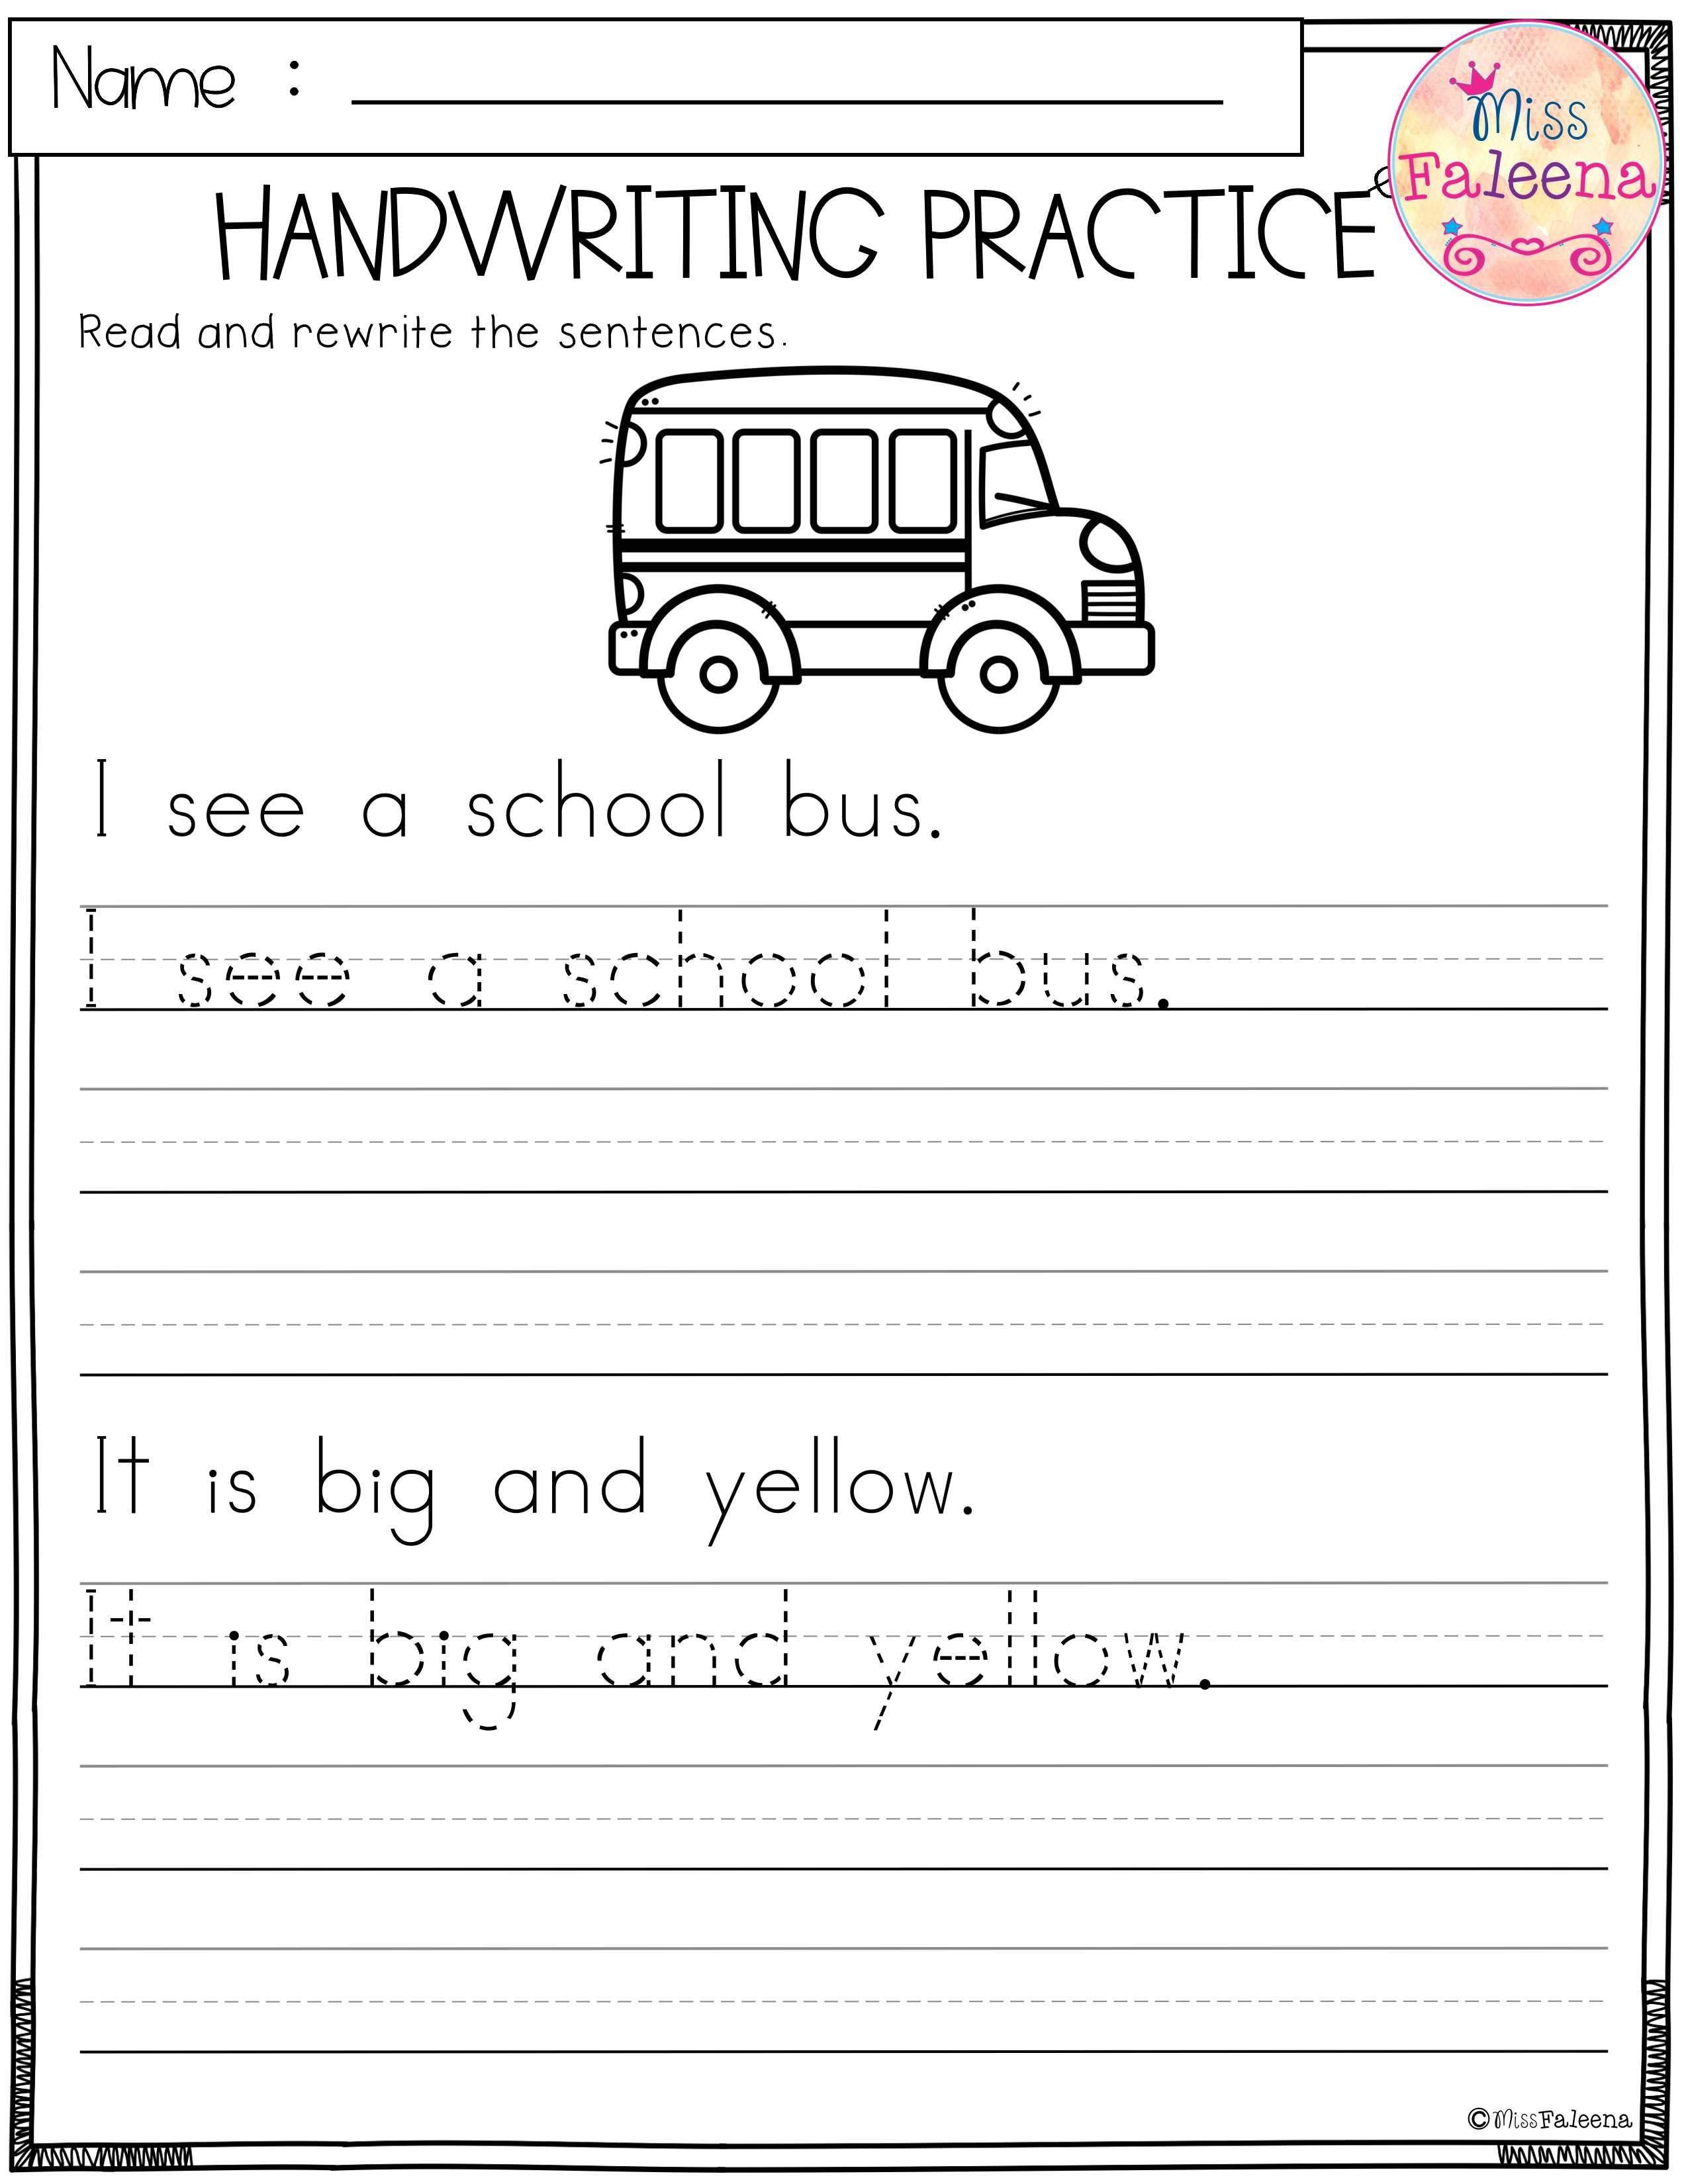 Back To School Handwriting Practice Handwriting Worksheets For Kids Kids Handwriting Practice Writing Practice Worksheets Handwriting activities for kindergarten